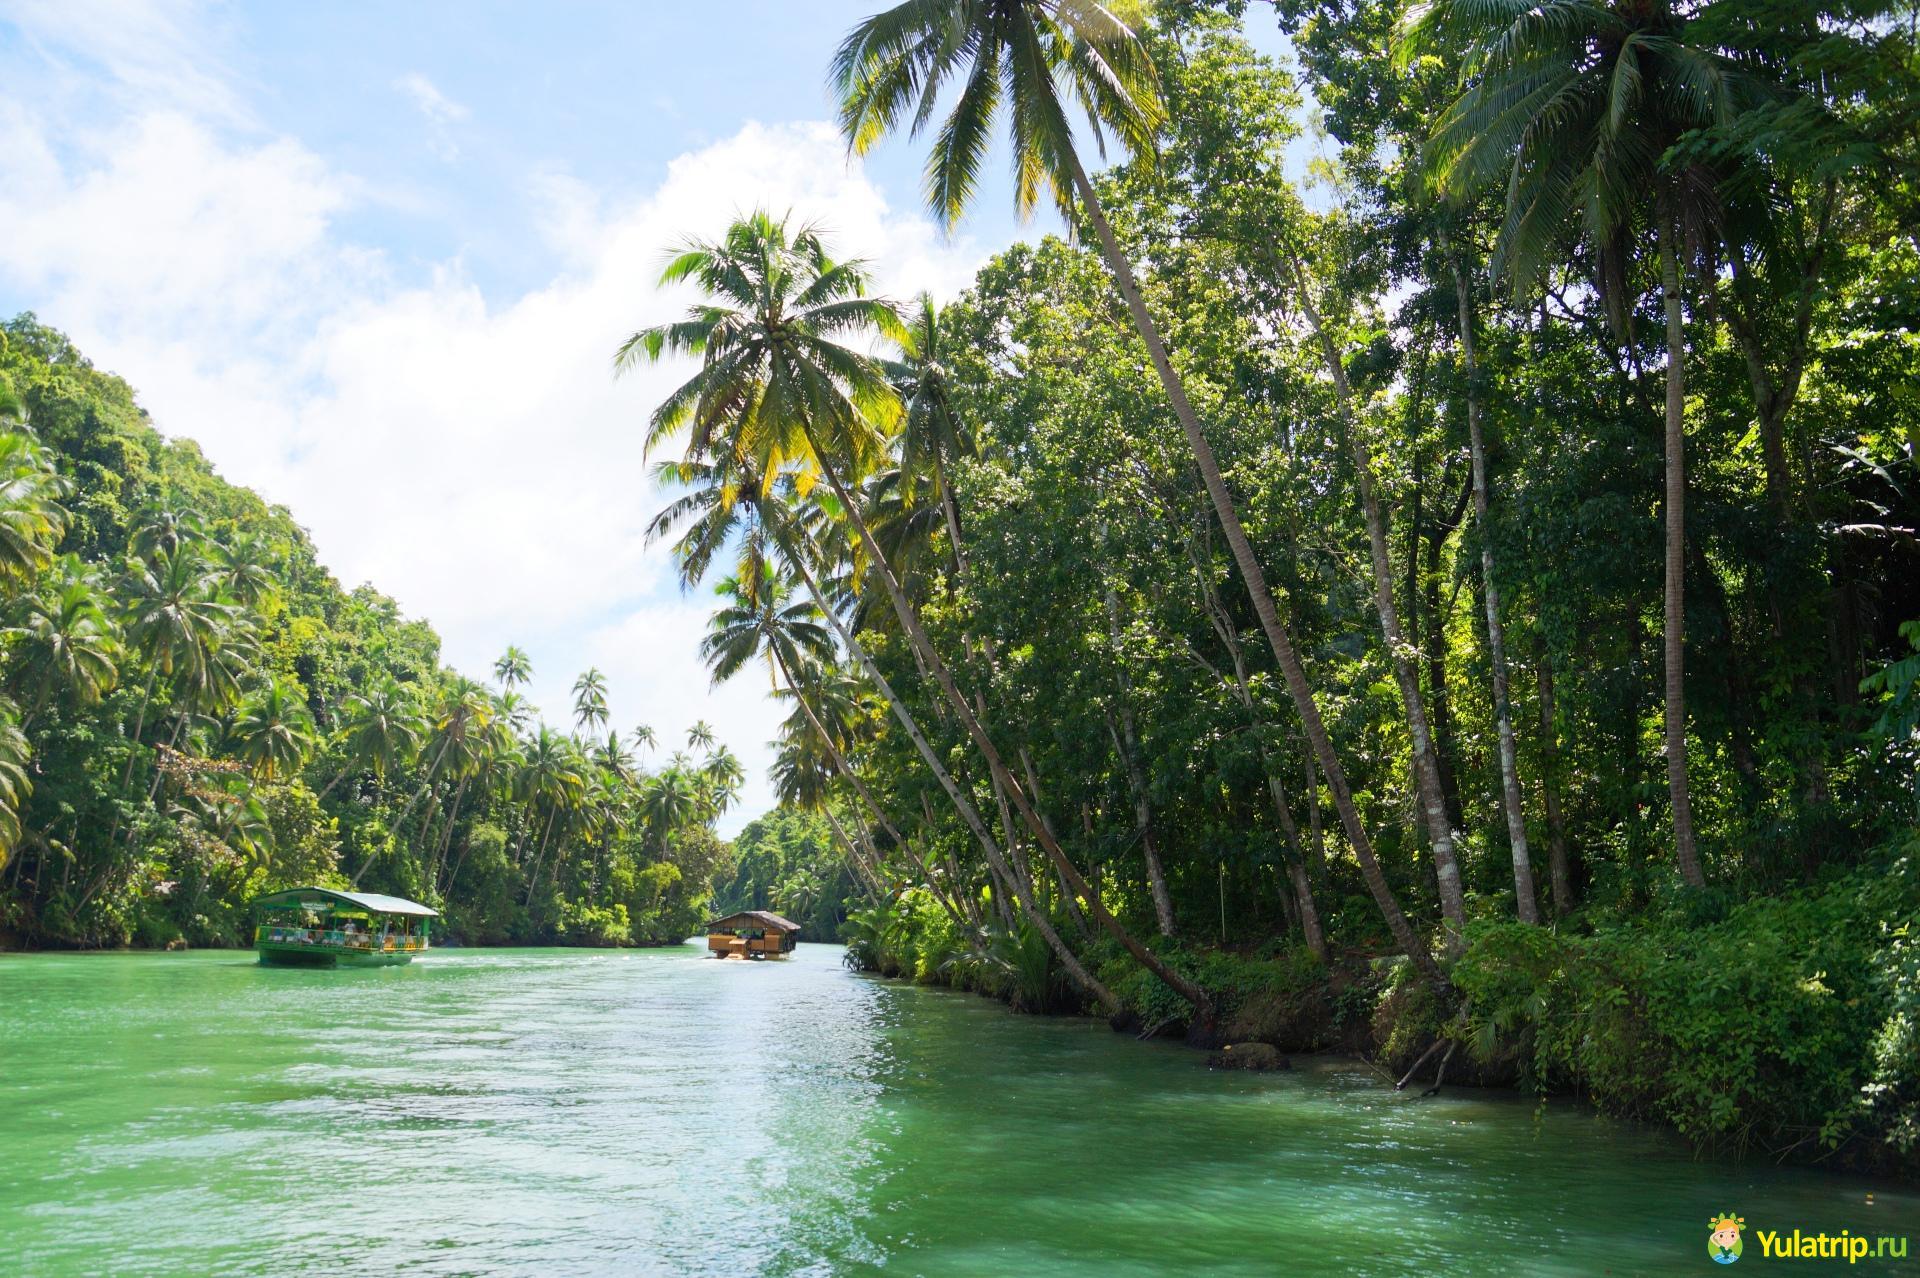 экскурсия по реке лобок филиппины